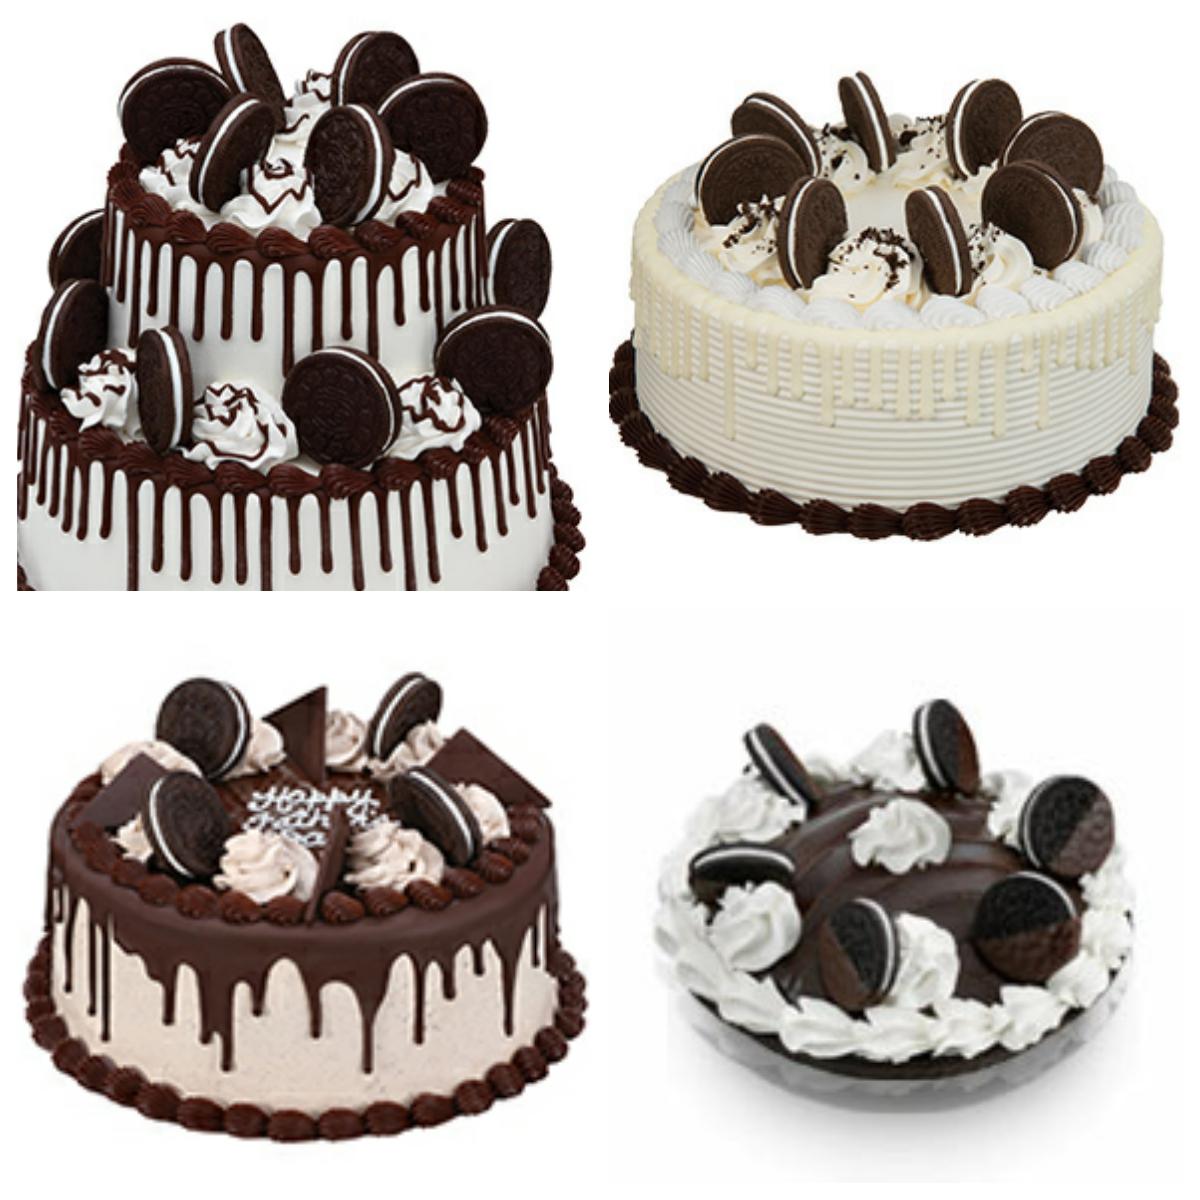 oreo-cakes